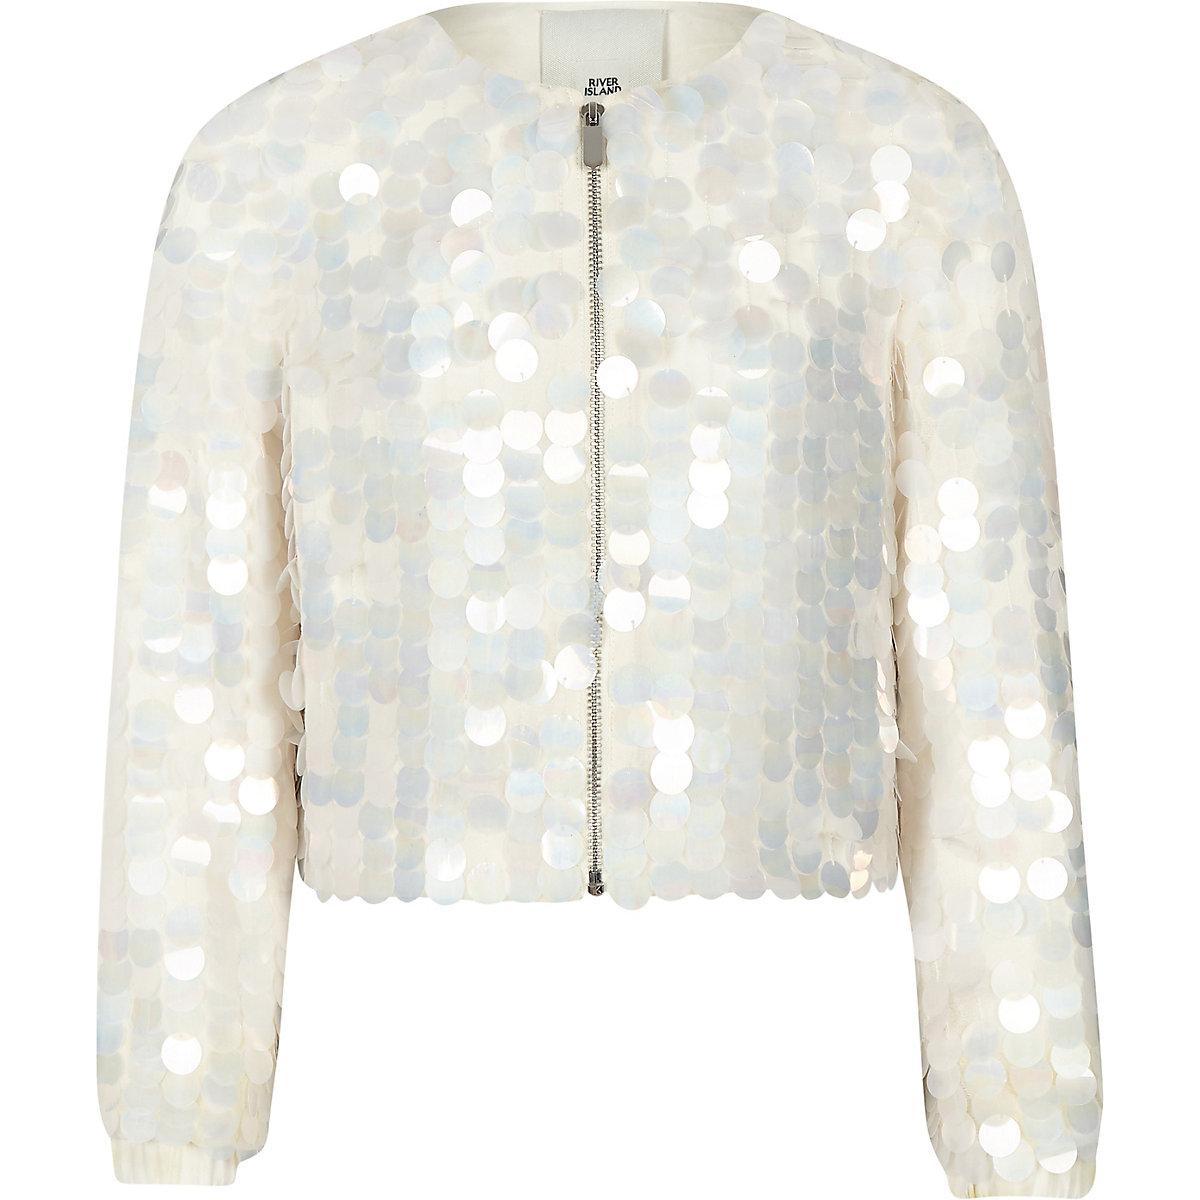 Girls cream sequin embellished jacket